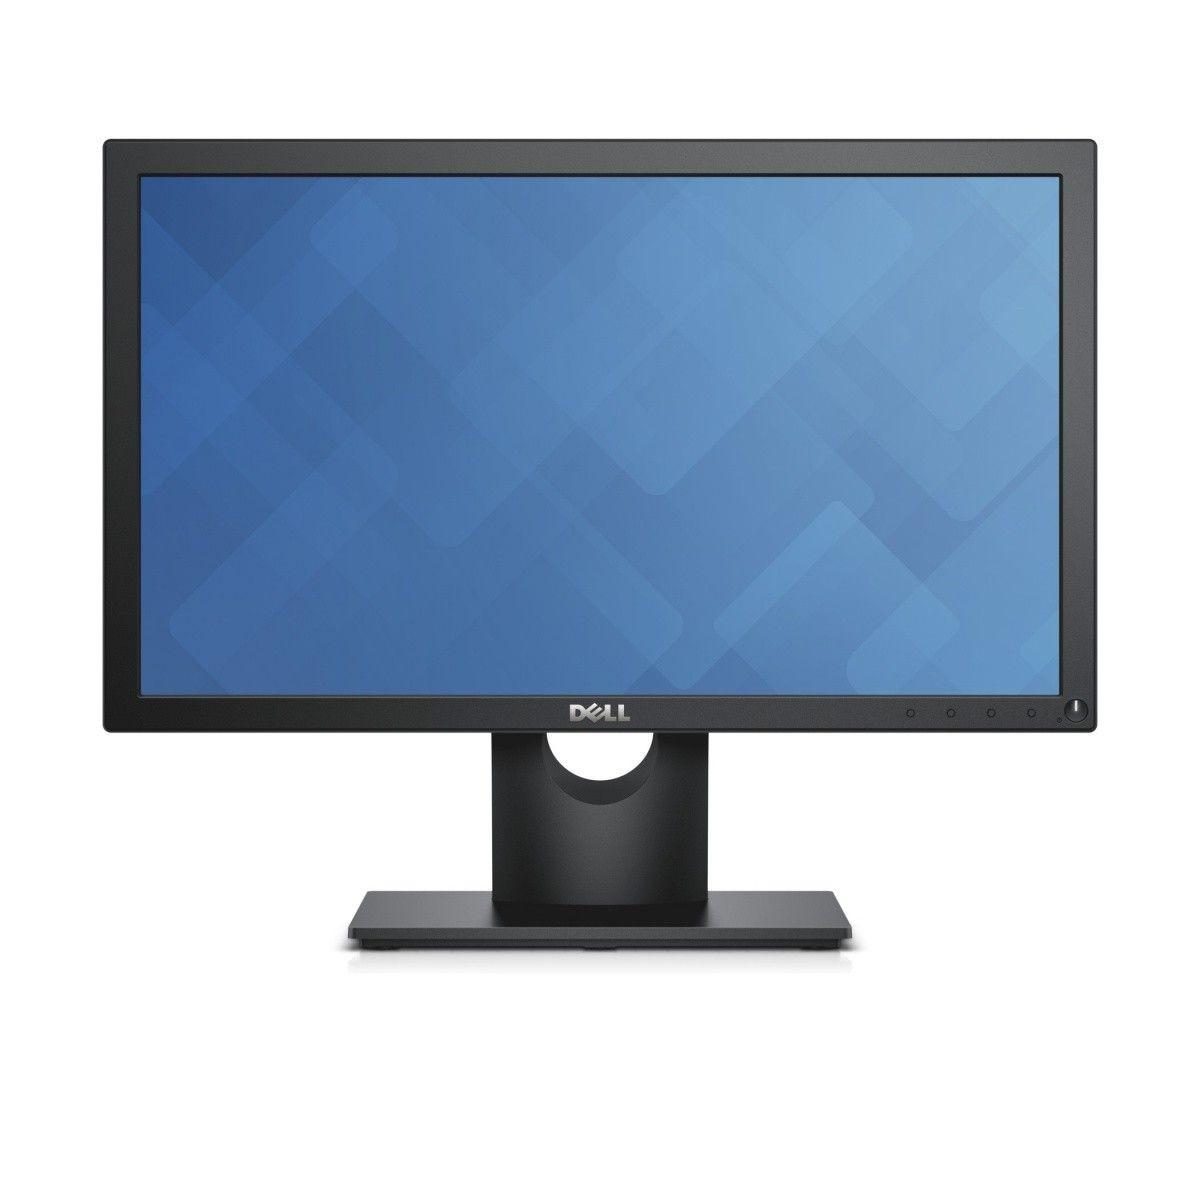 Dell E1916H 18,5'' (47,01cm) 1366x768 at 60Hz VGA DP 3YPPG